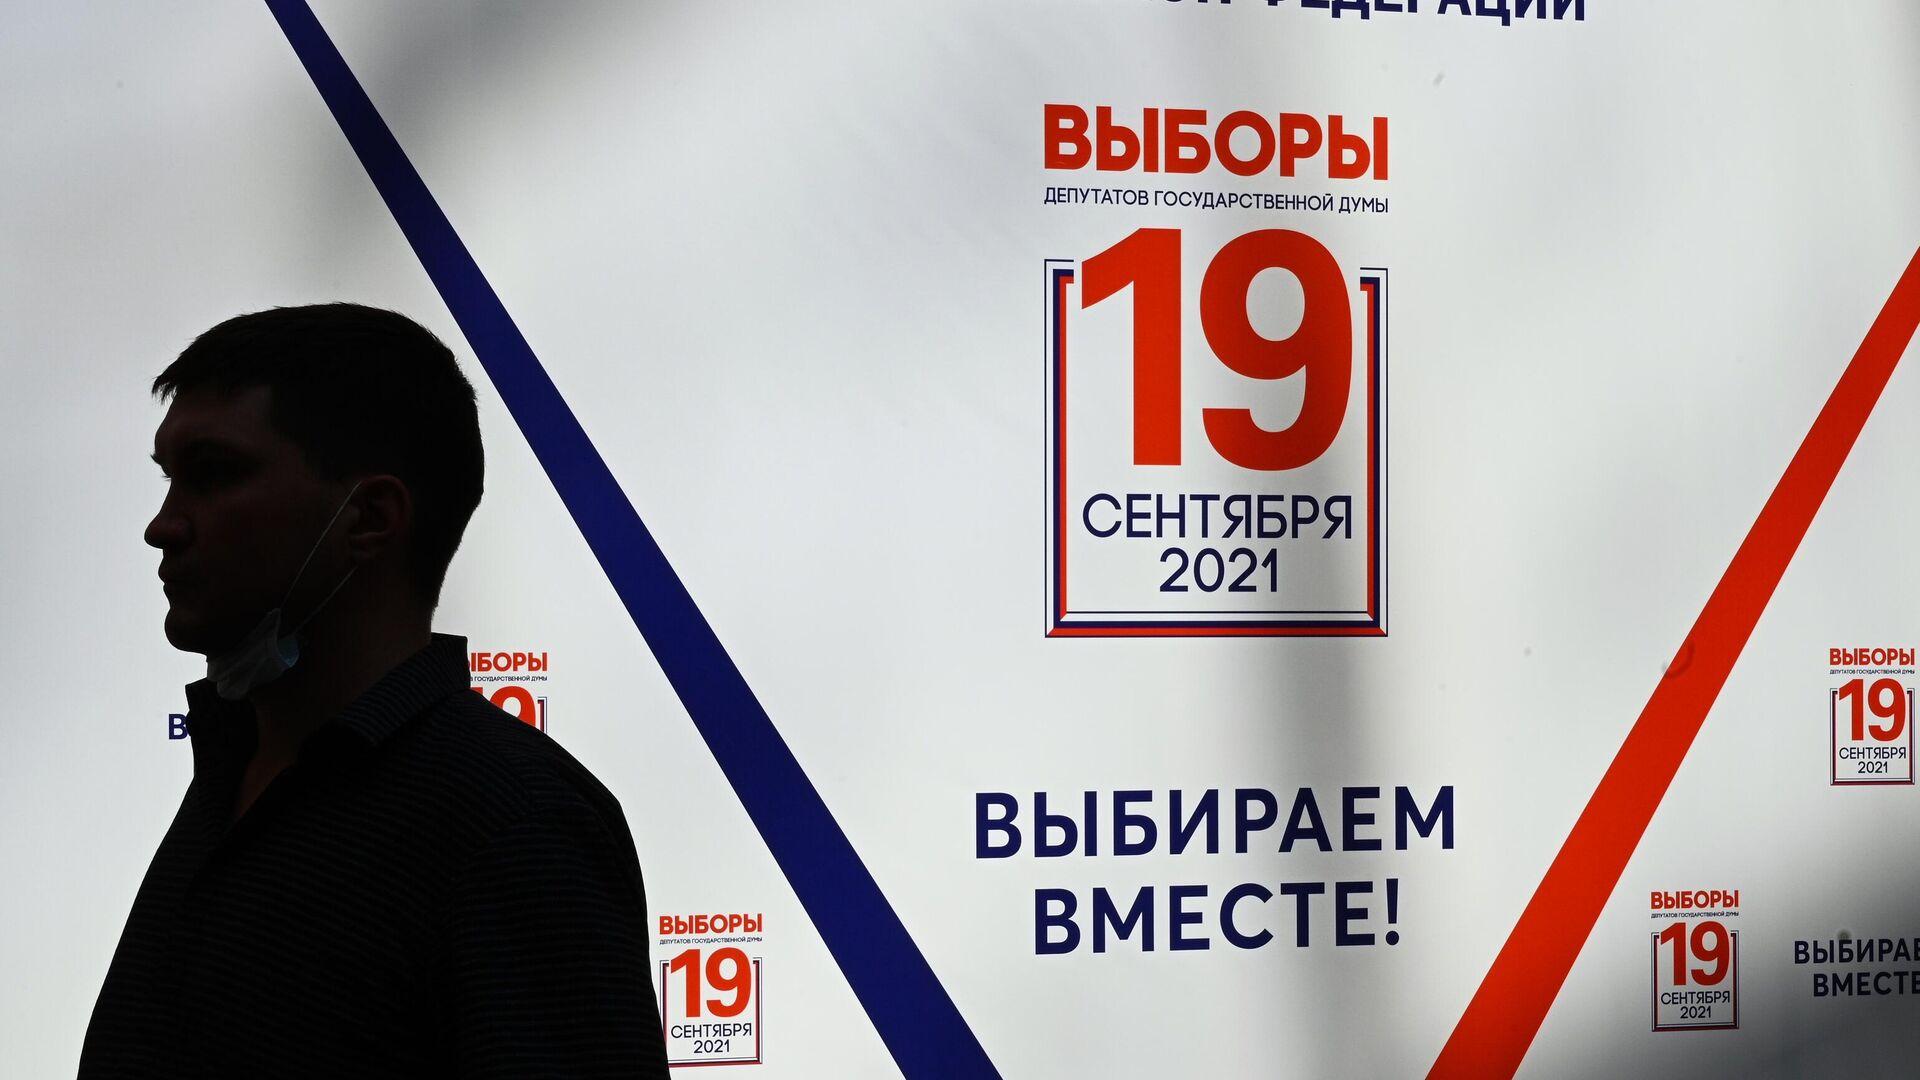 Предвыборный баннер у здания Центральной избирательной комиссии РФ в Москве - РИА Новости, 1920, 16.09.2021